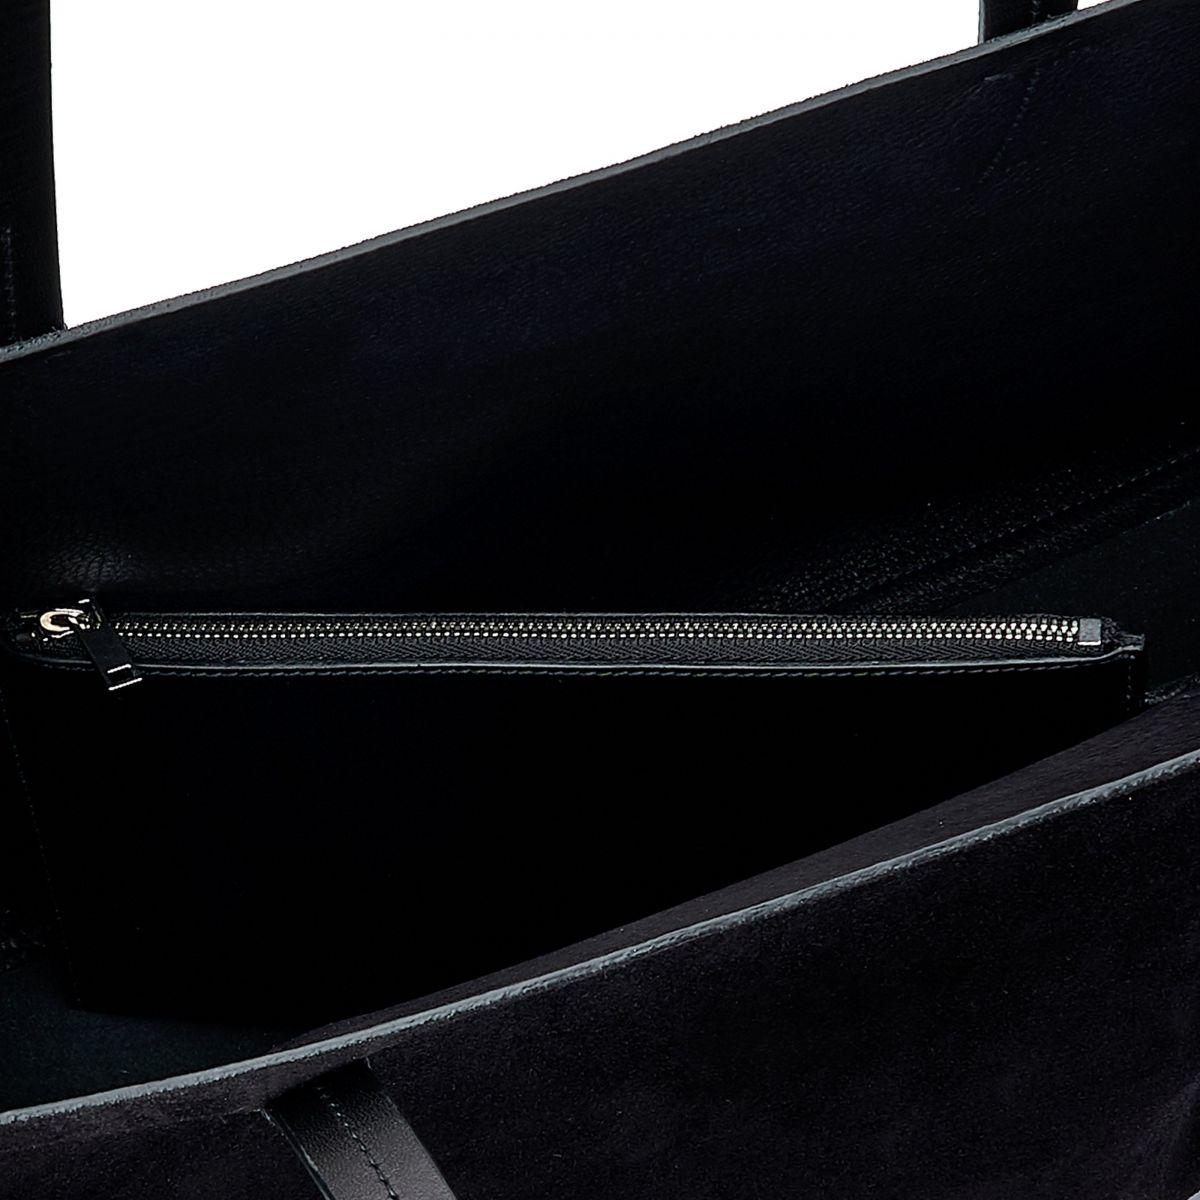 Elba Shopping - Sac Fourre-Tout pour Femme en Cuir De Vachette Au Tannage Végétal /Suede couleur Noir - Ligne Mediterranea BTO110 | Details